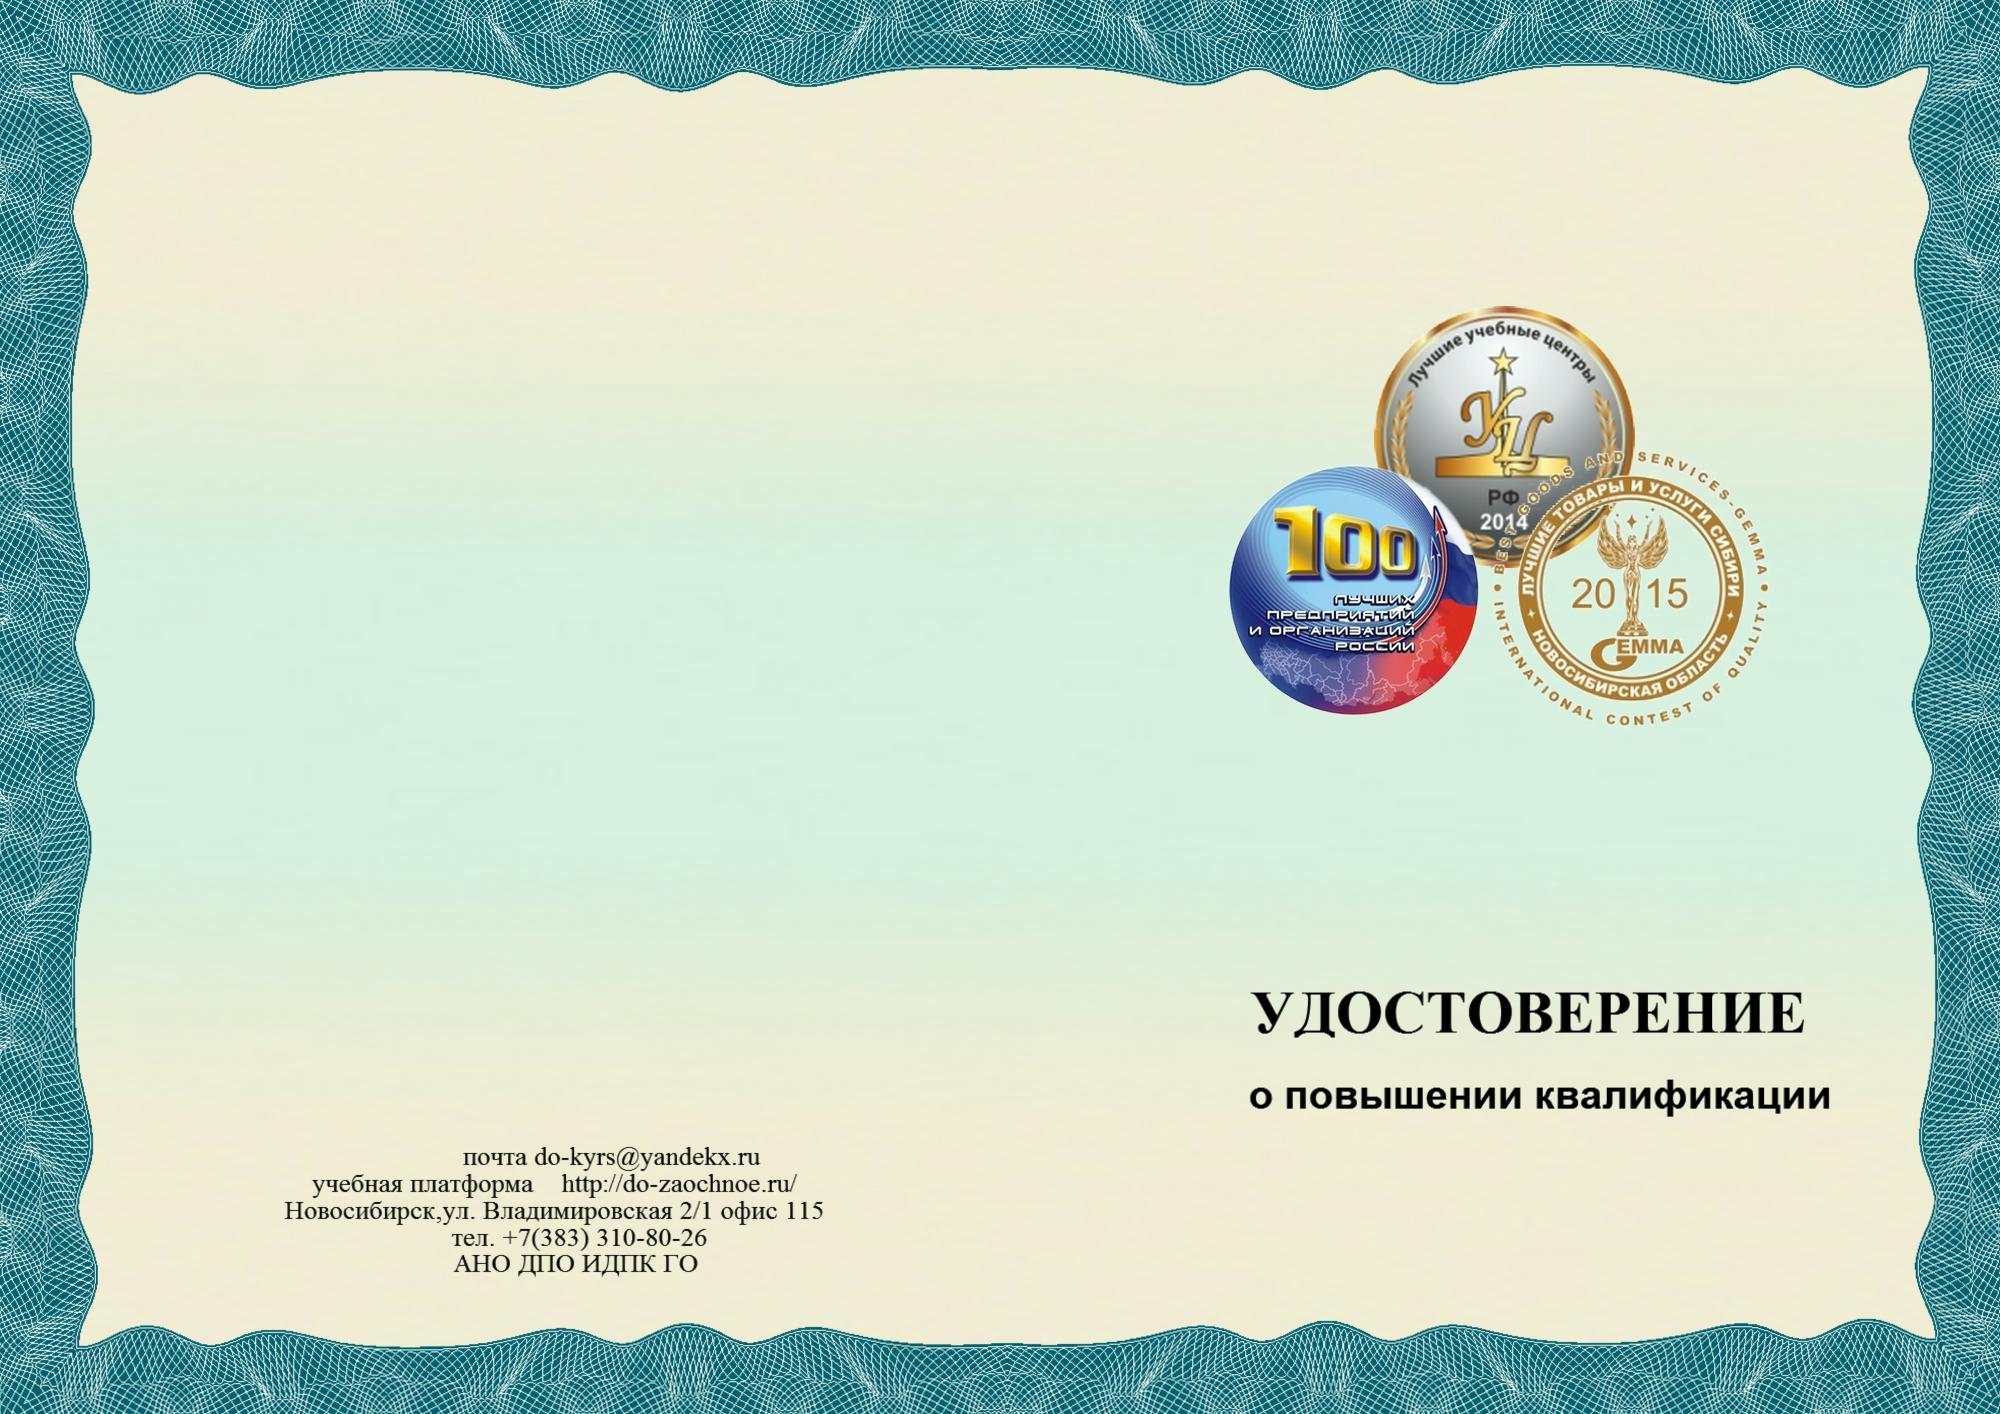 ОБразец эл. удостоверения АНО ИДПК ГО